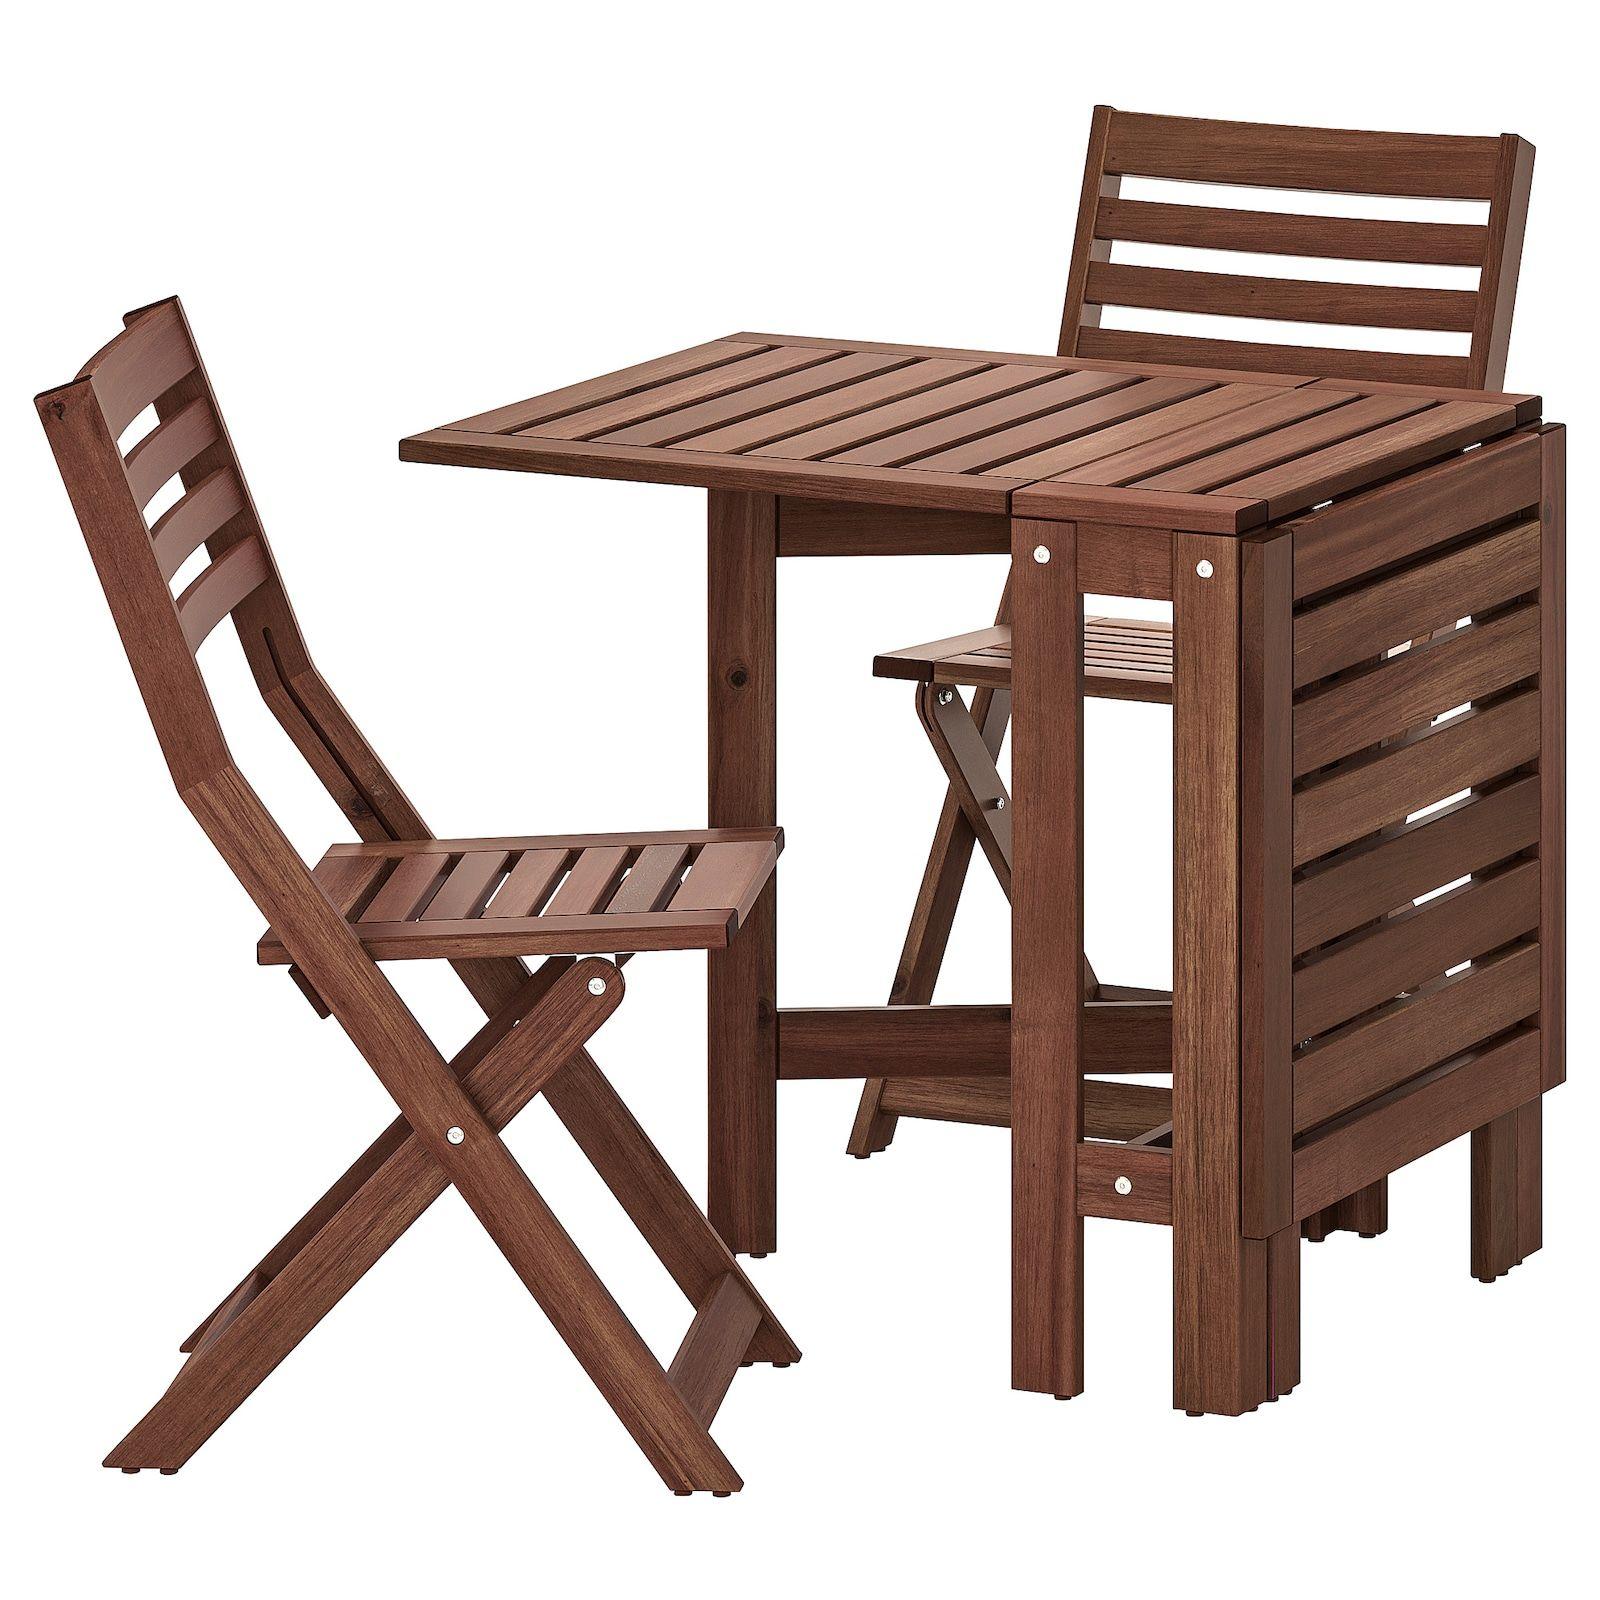 Ikea Teak Outdoor Table